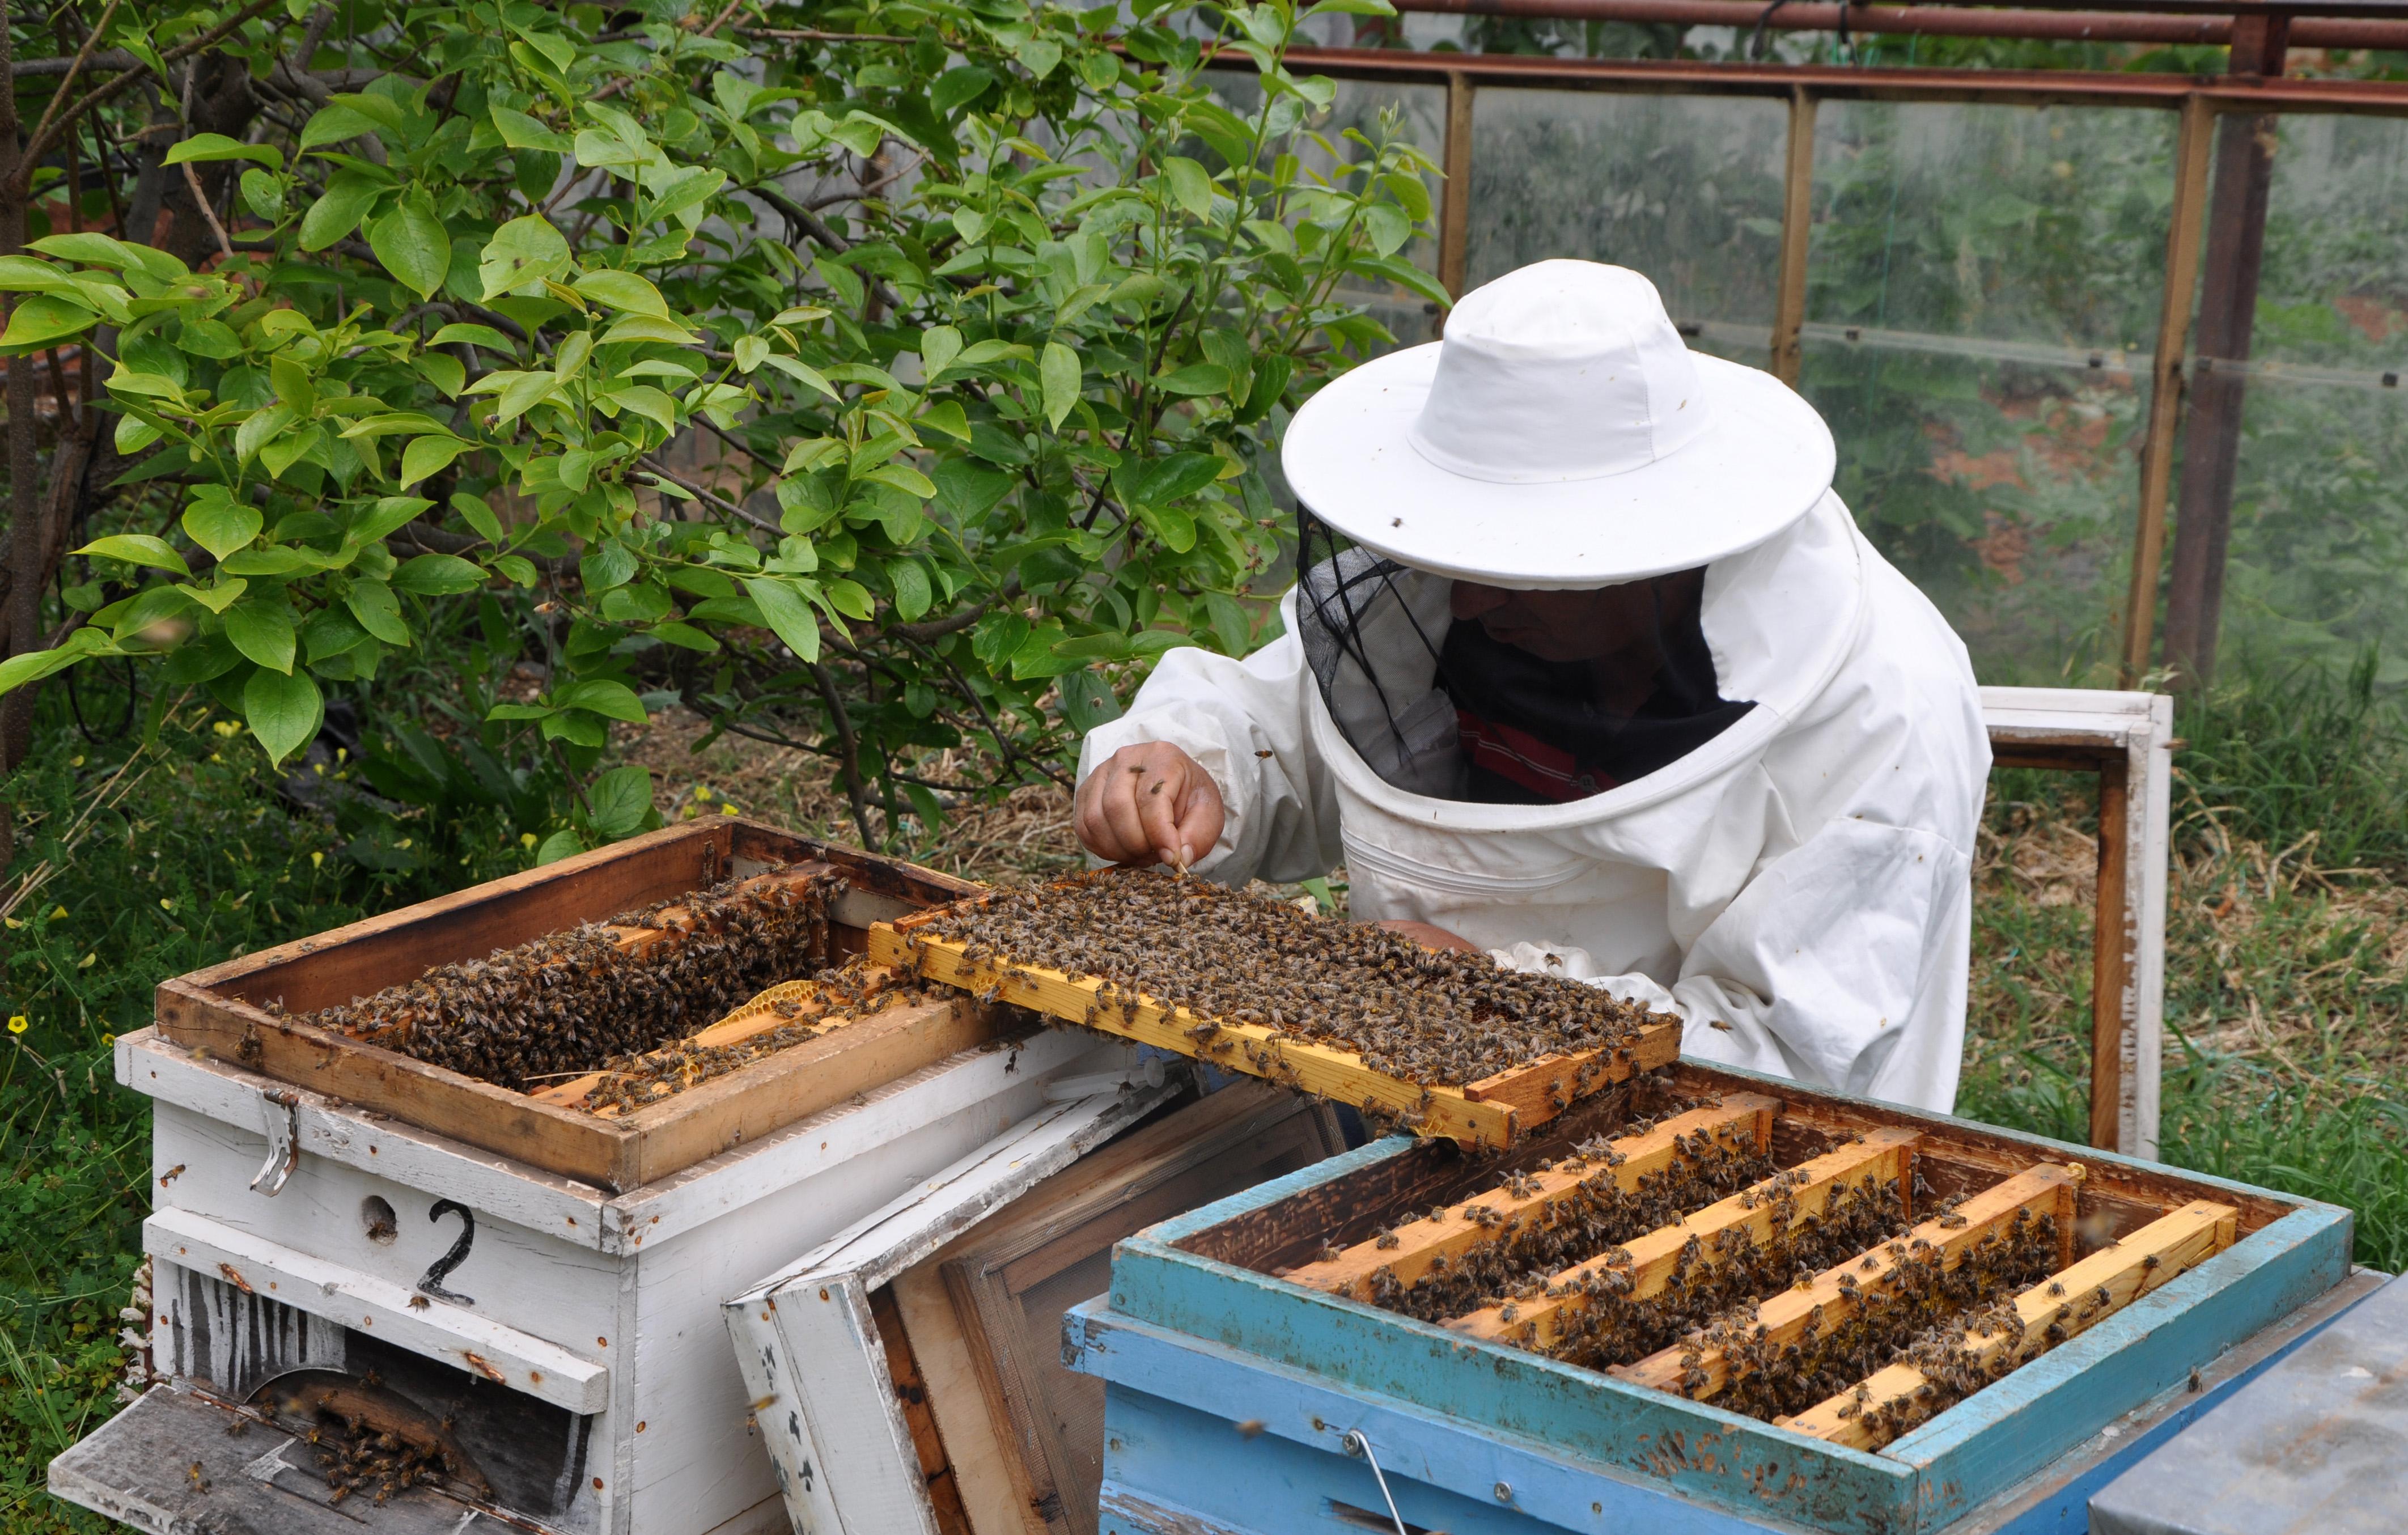 Zeytin ağacındaki arı kolonisi, kovana alındı